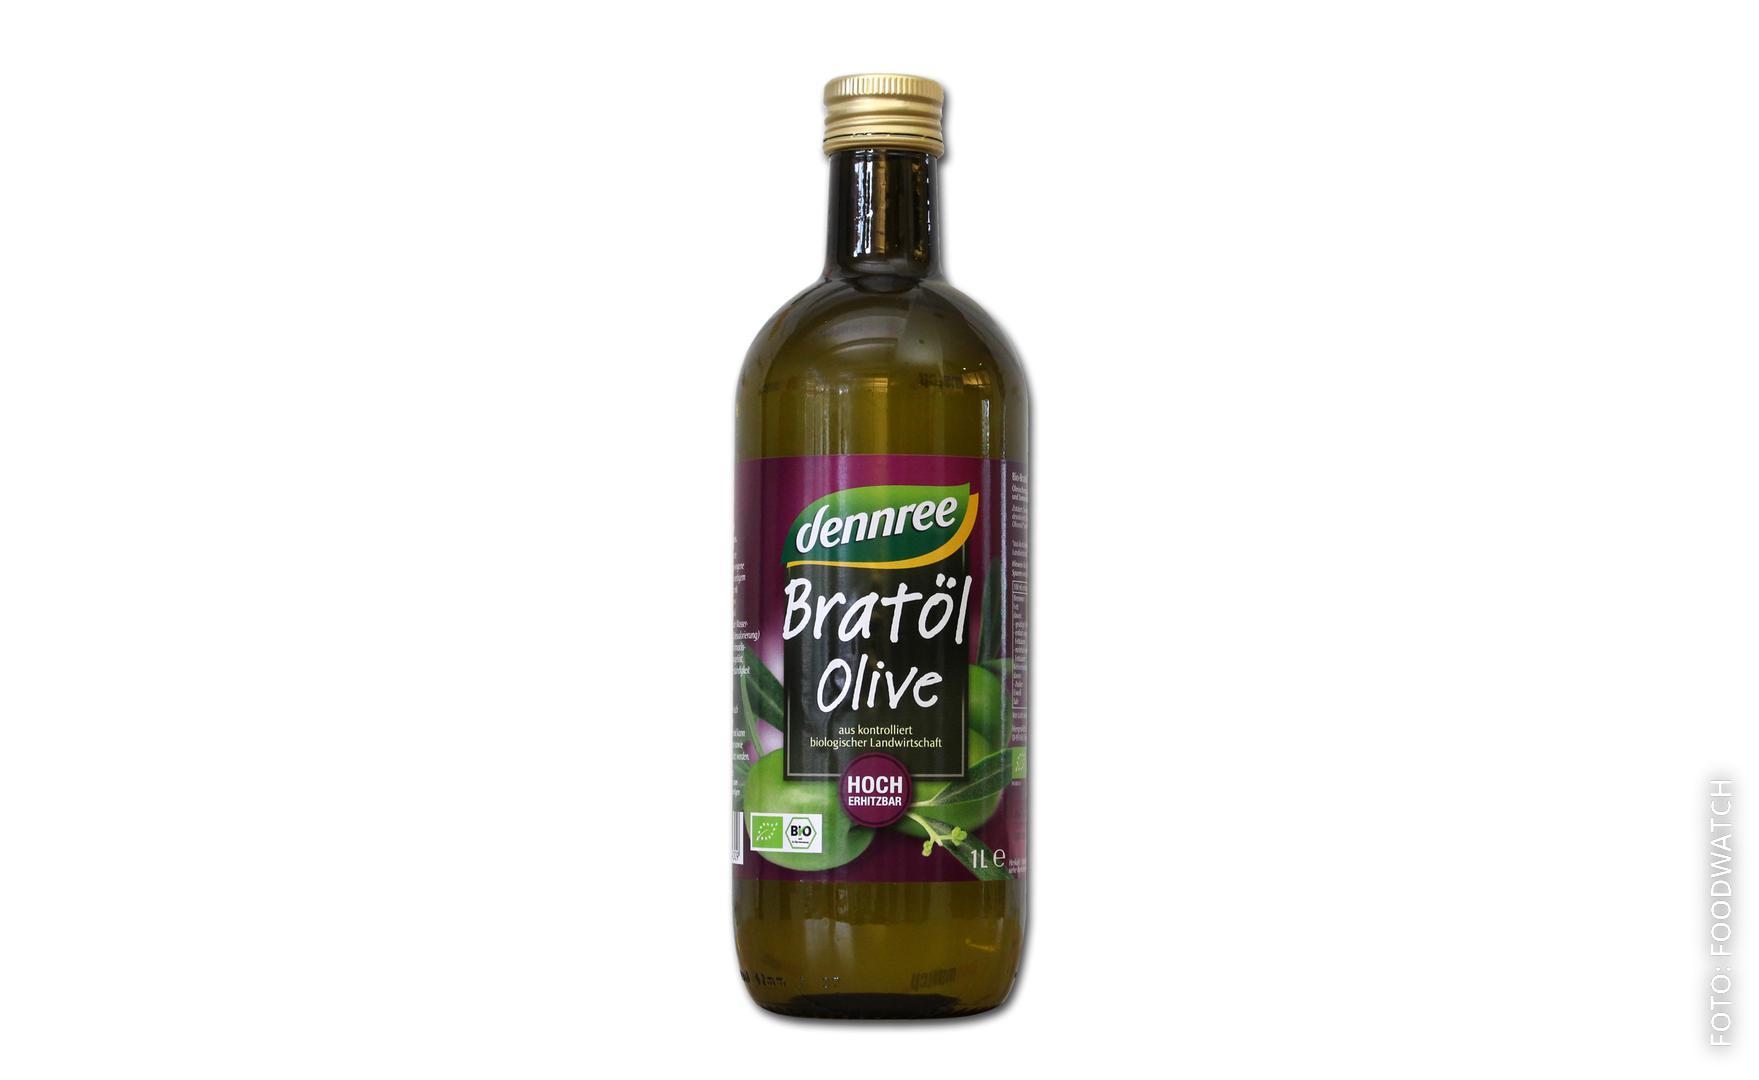 Flasche Olivenöl vom Biohersteller